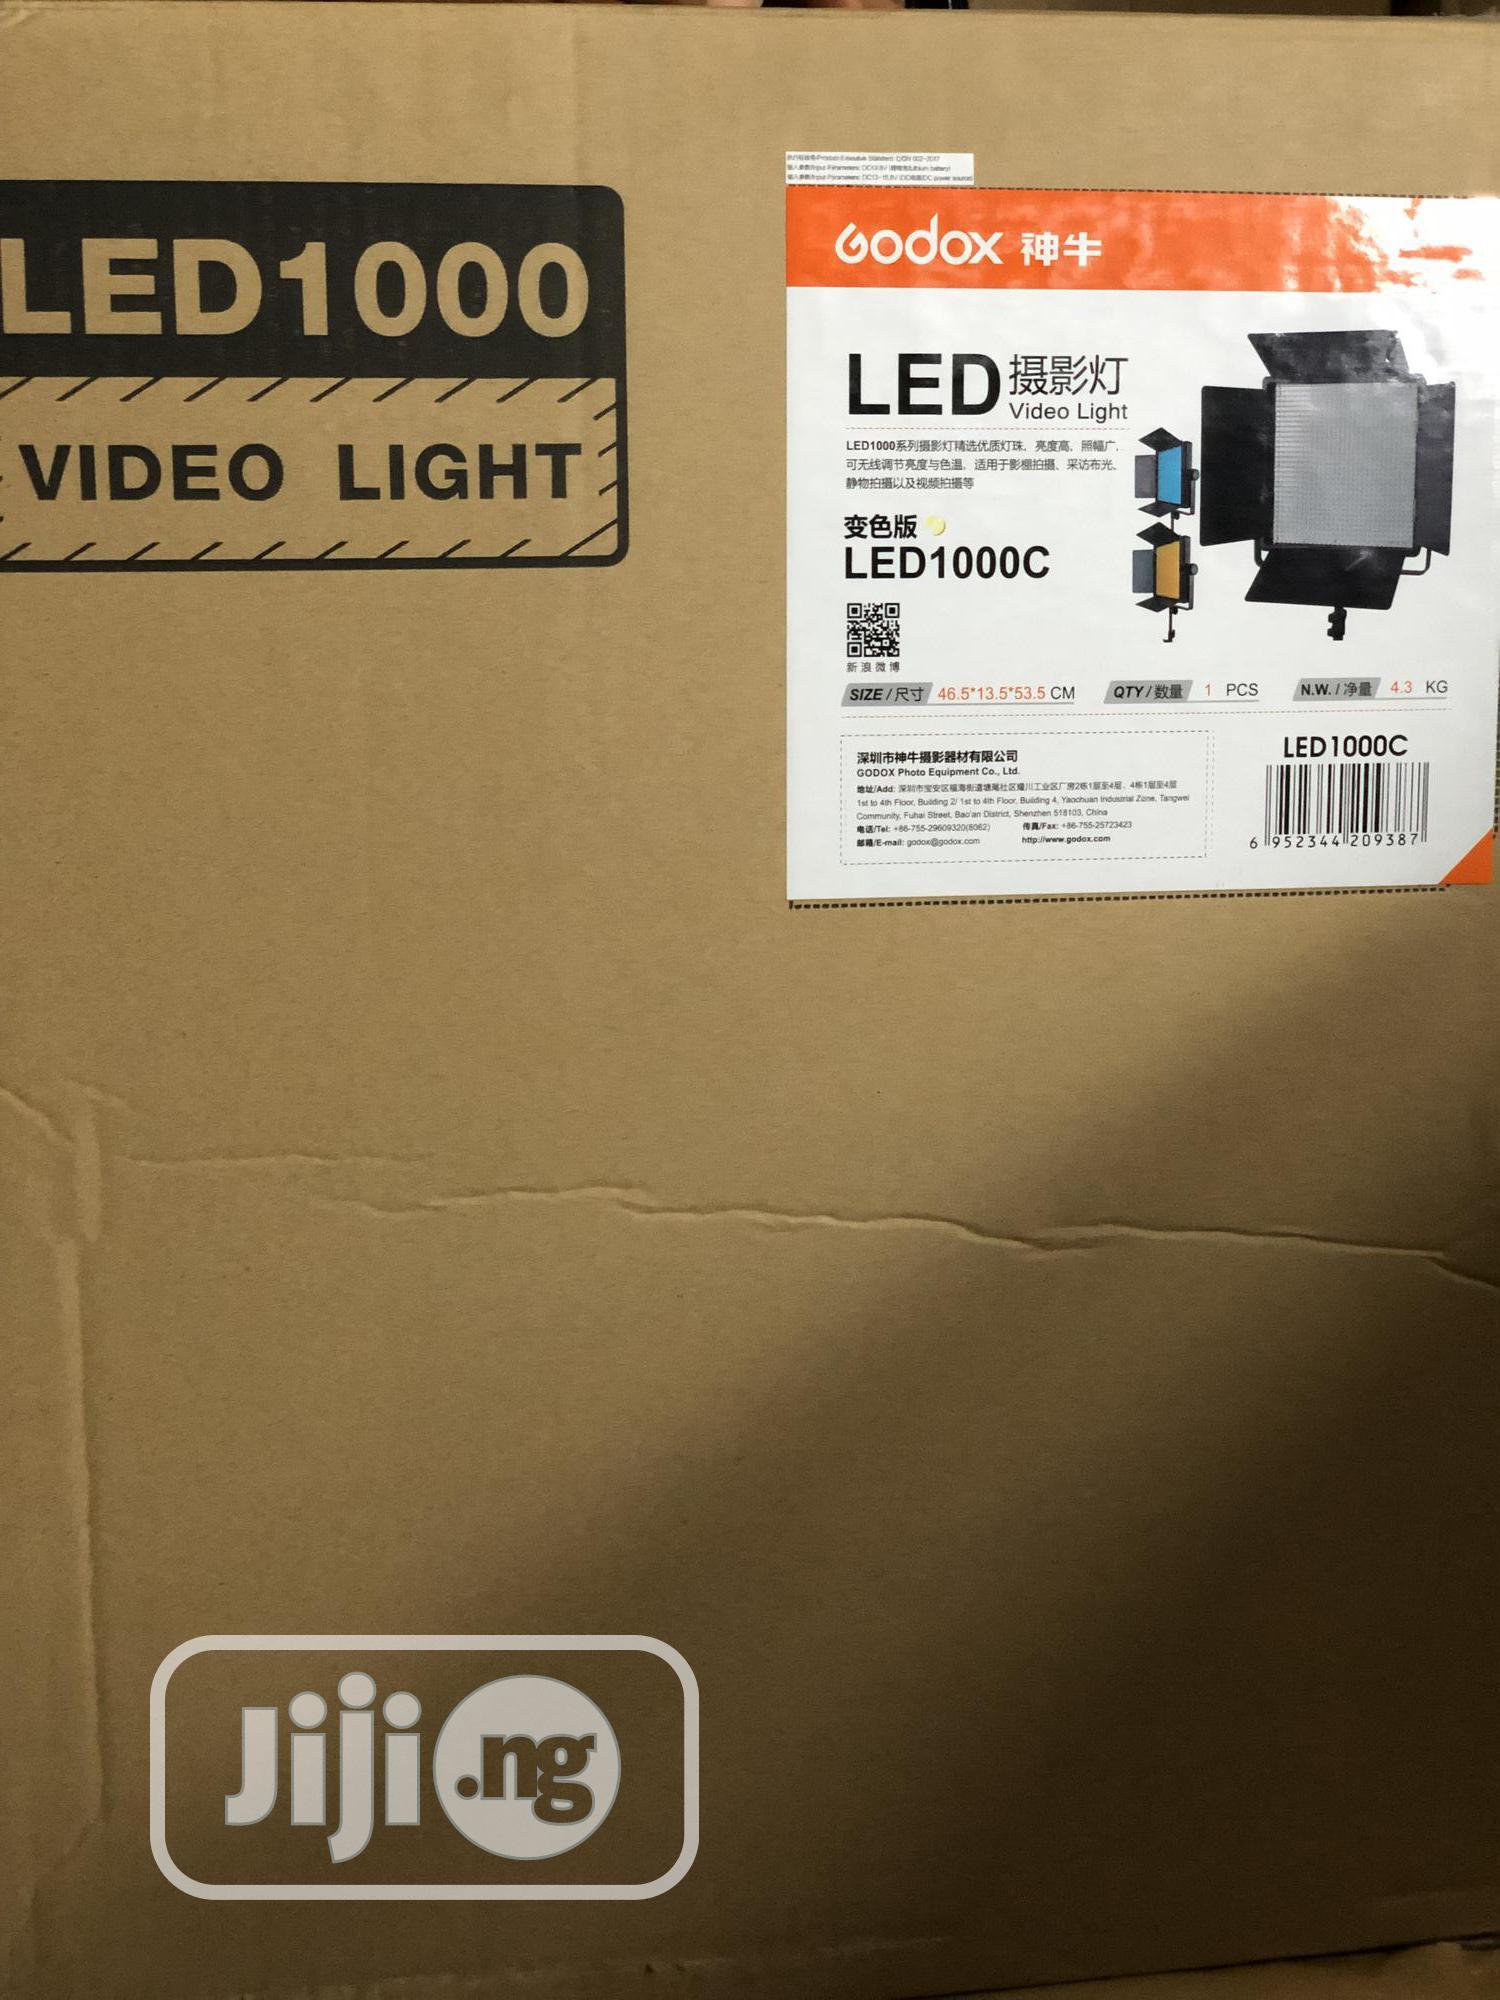 Godox Led1000c Vidoe Light